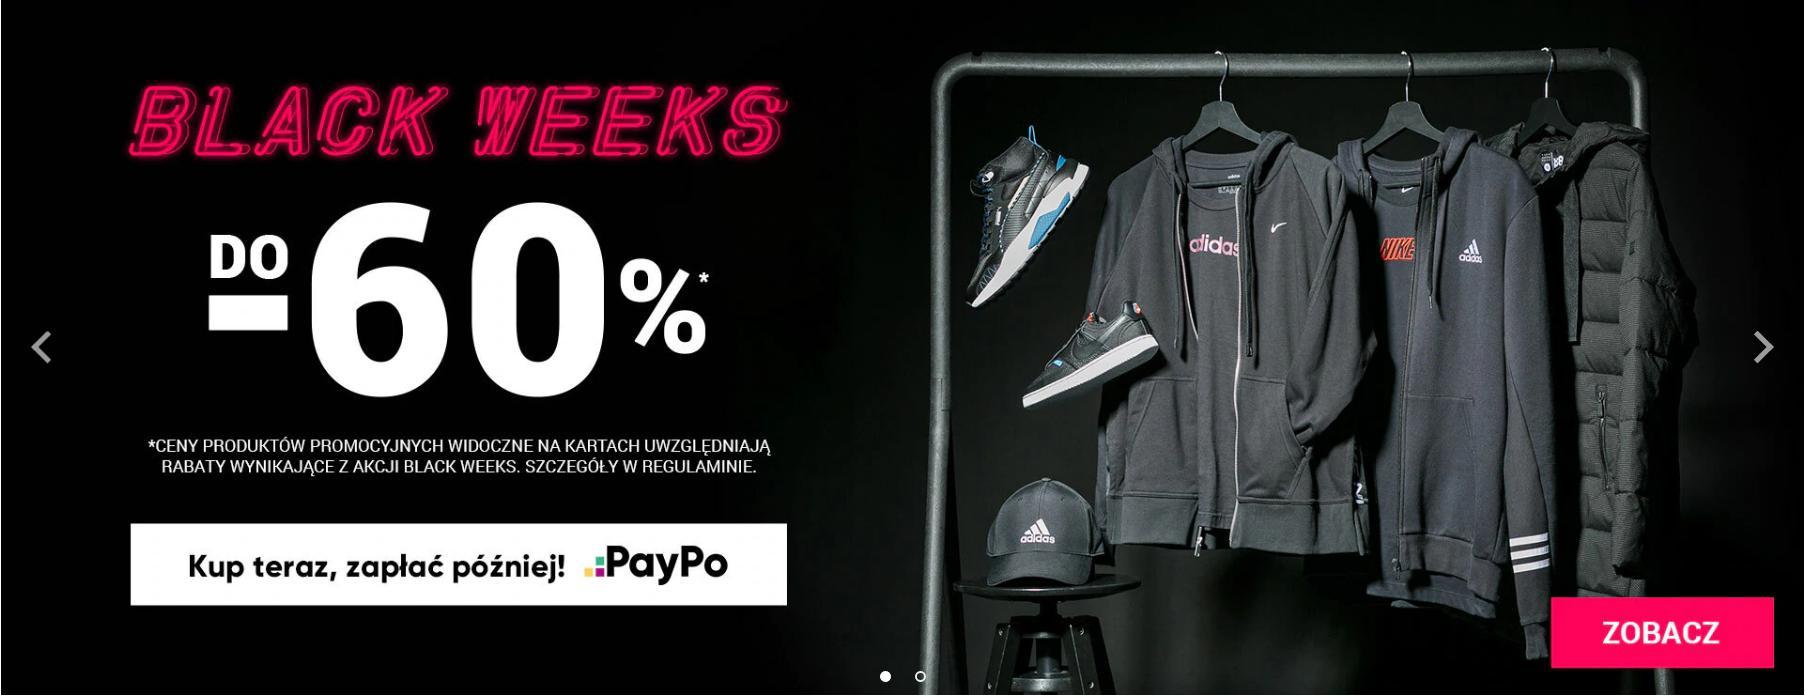 ButySportowe.pl: Black Weeks do 60% zniżki na buty i ubrania sportowe